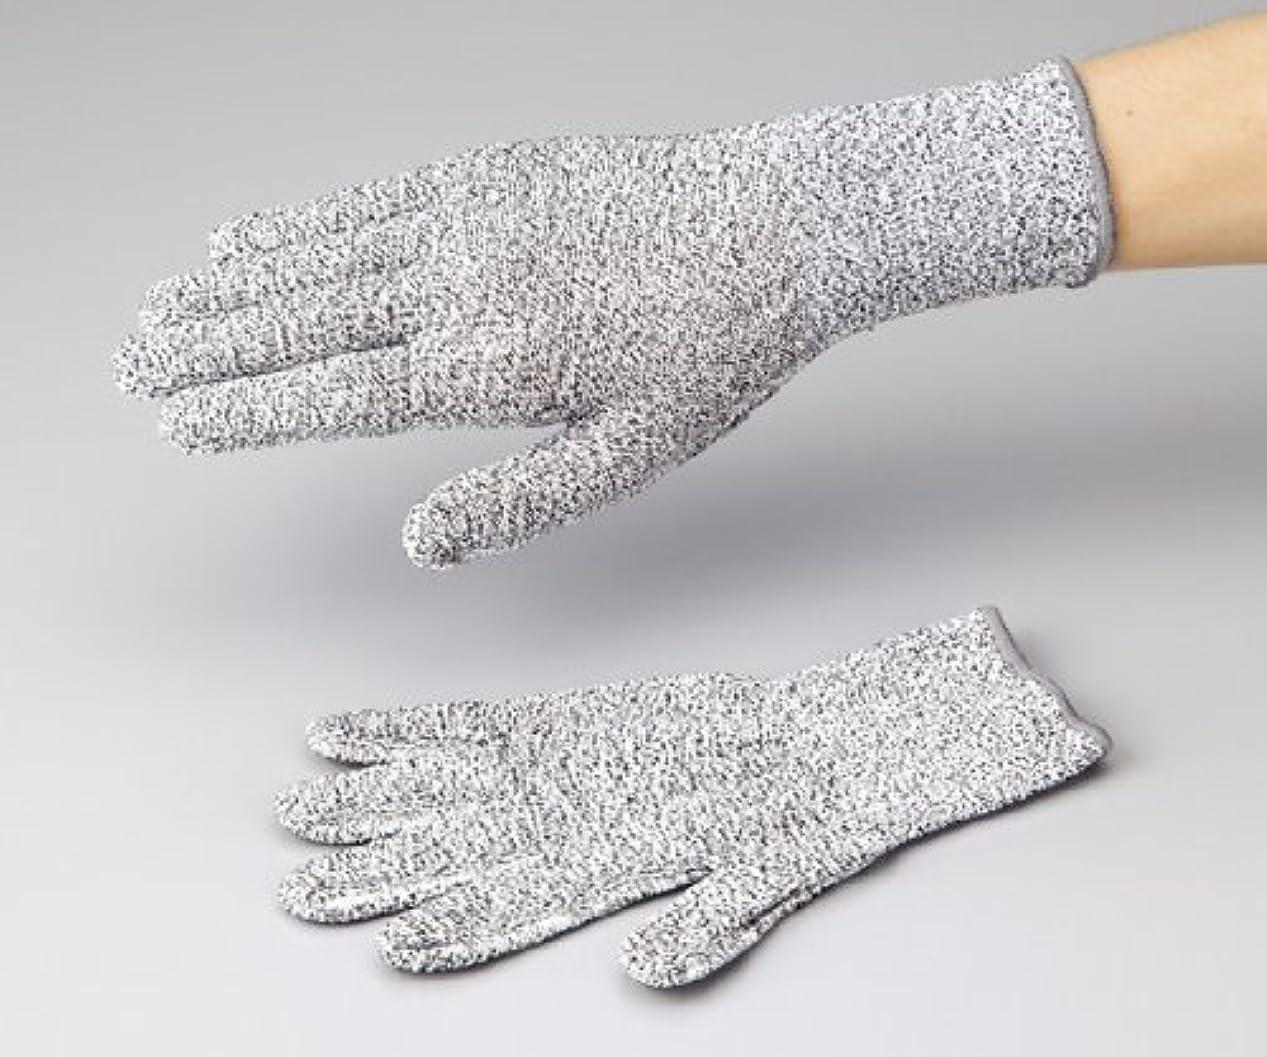 苦味積極的にマラドロイトアズワン1-272-01アズセーフ耐切創手袋コーティング無しLカットレベル3